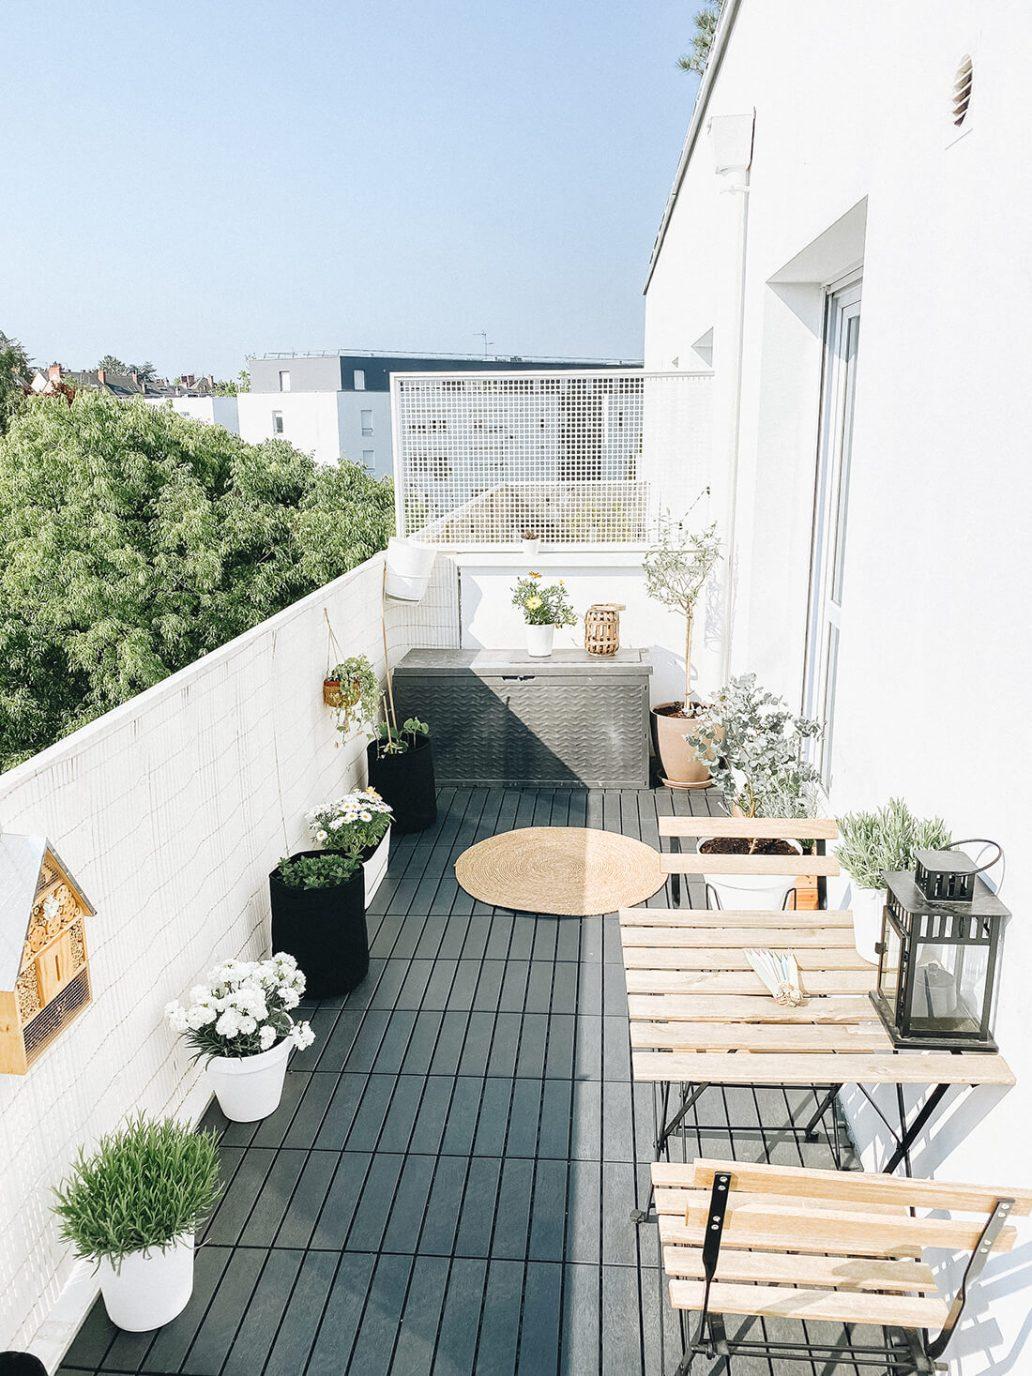 marmille home 2021 6 - Visite privée : découvrez l'appartement Hygge de Marmille